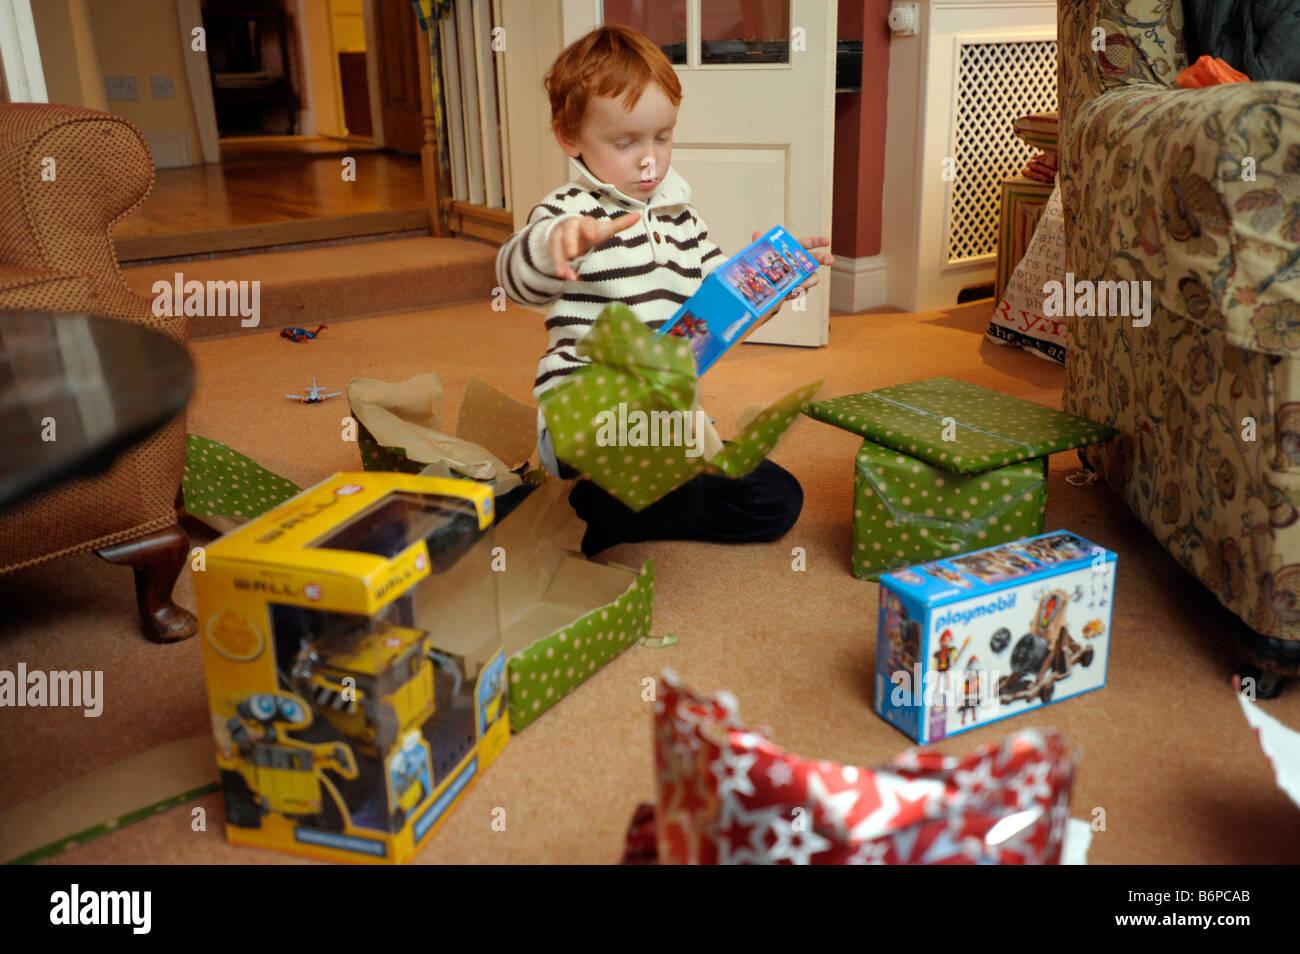 Ein 4 Jahre Alter Junge Packt Xmas Geschenke 2009 25 Dez